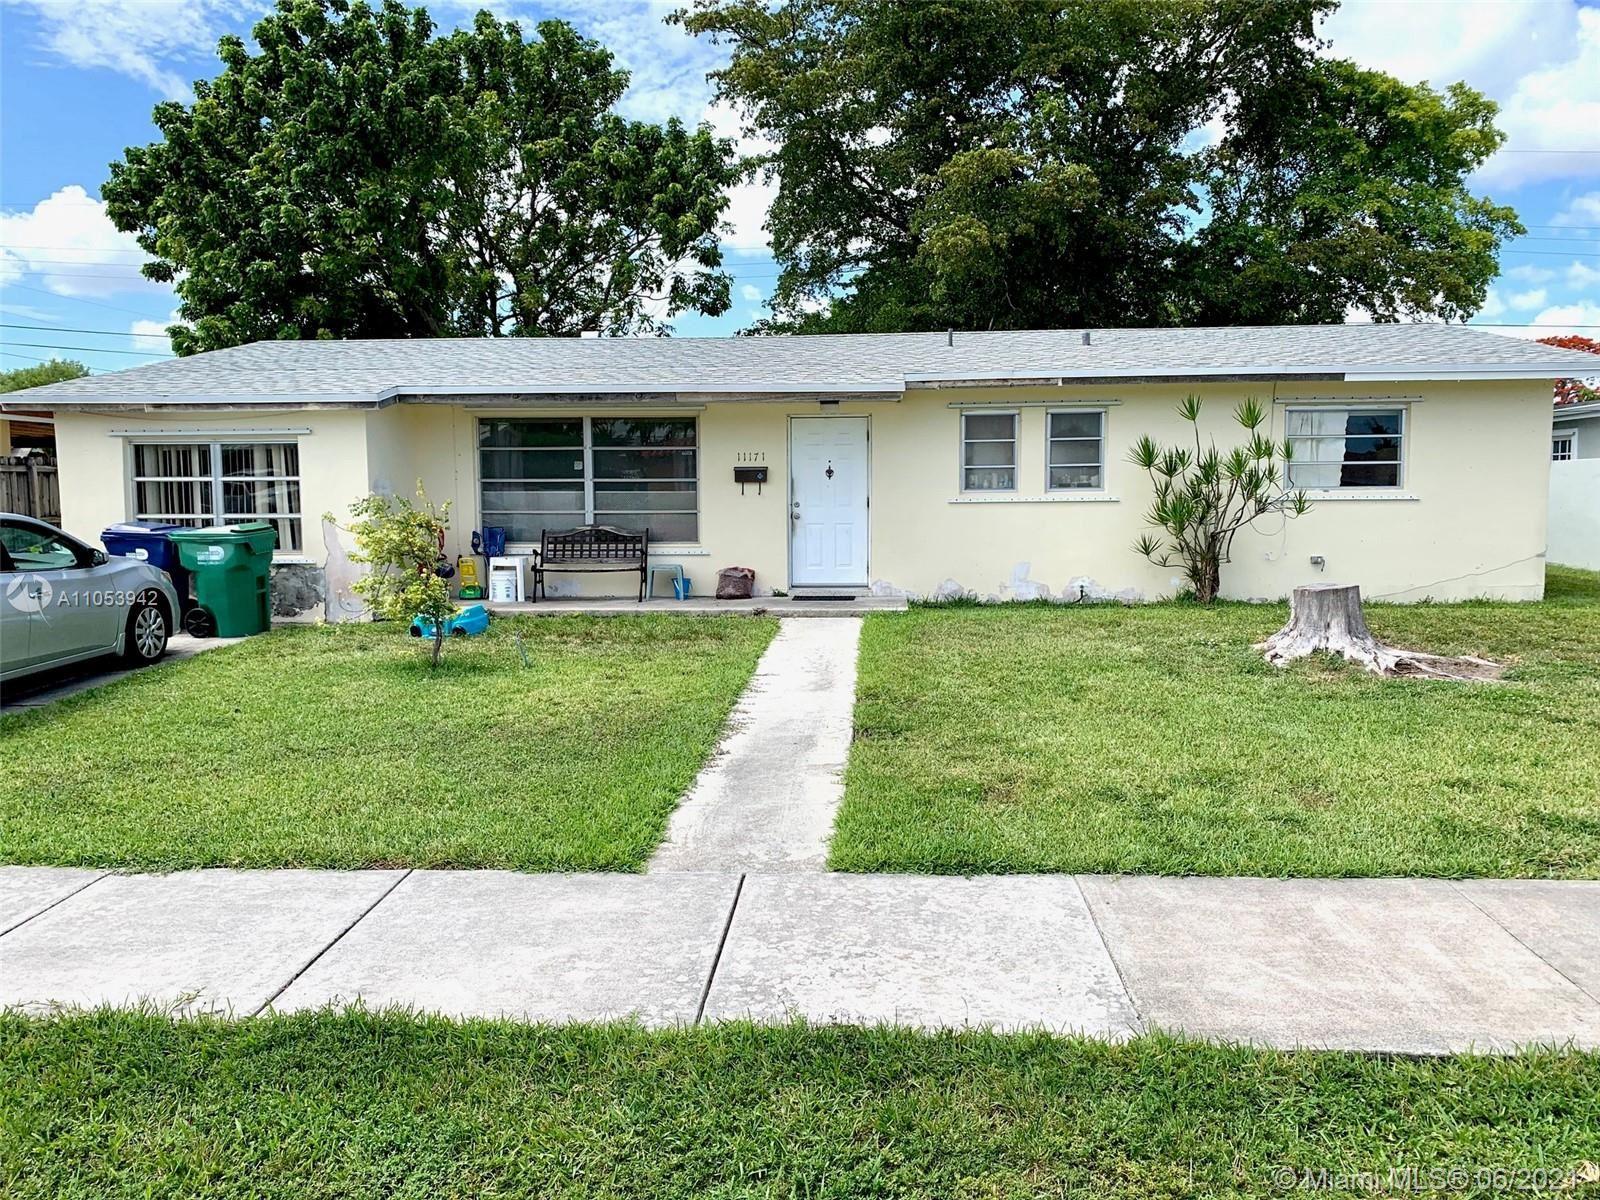 11171 SW 58th Ter, Miami, FL 33173 - #: A11053942